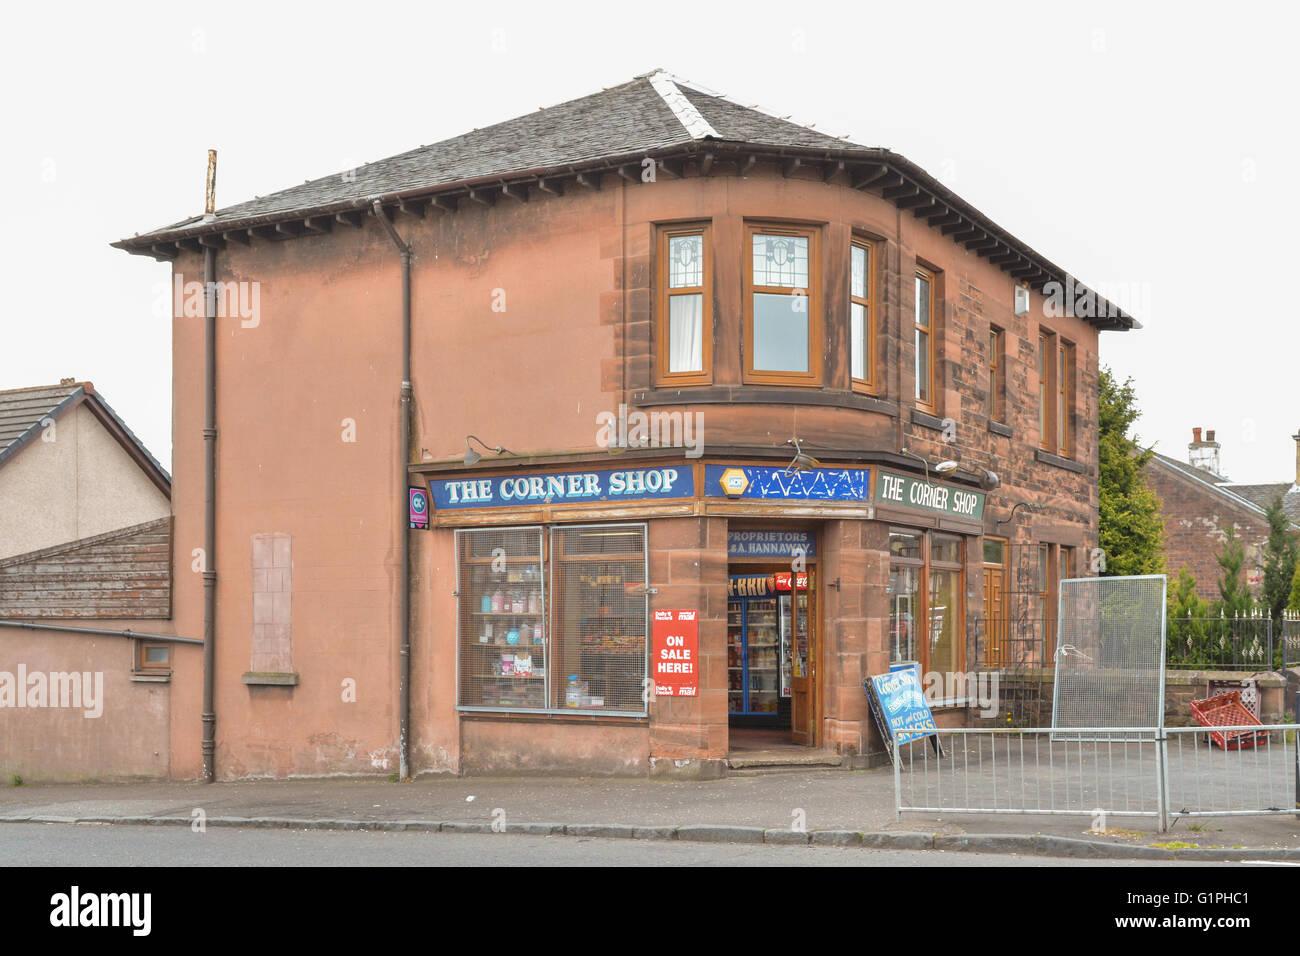 Angolo tradizionale negozio in Coatbridge, Scotland, Regno Unito Immagini Stock